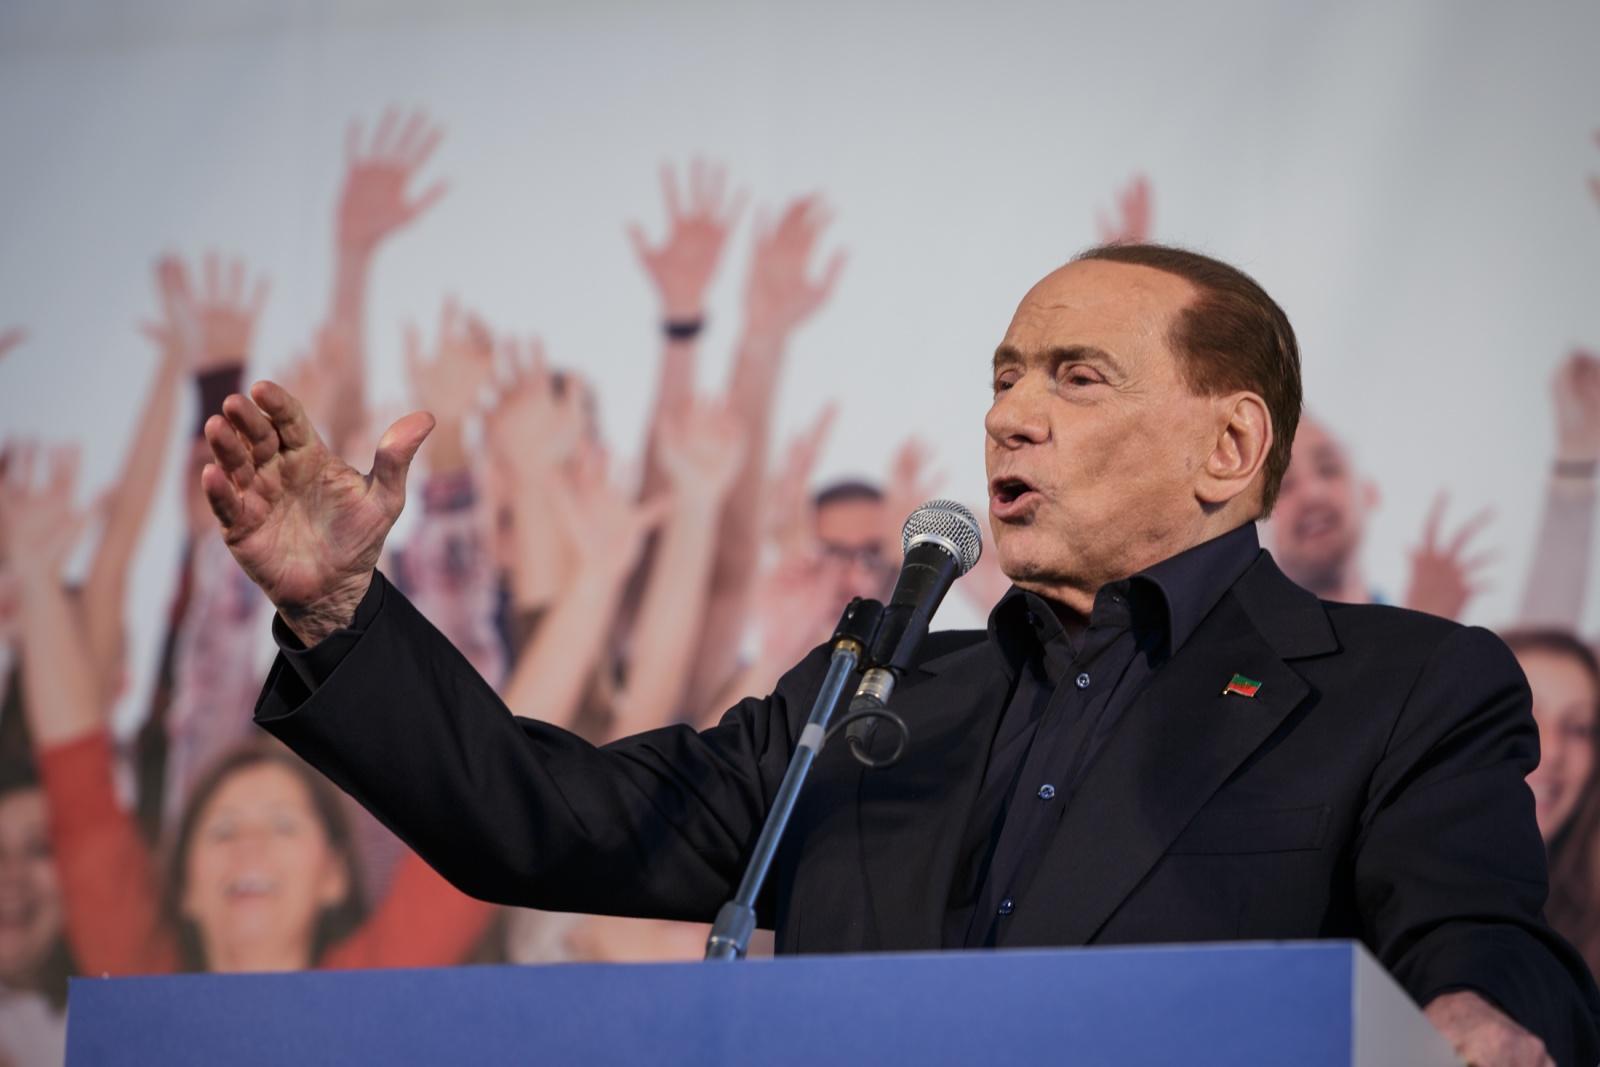 Silvio Berlusconi - Bologna 08/11/2015 Manifestazione Lega Nord Liberiamoci e ripartiamo!  Nella Foto: Silvio Berlusconi Presidente di Forza Italia Foto Copyright Andrea Brintazzoli